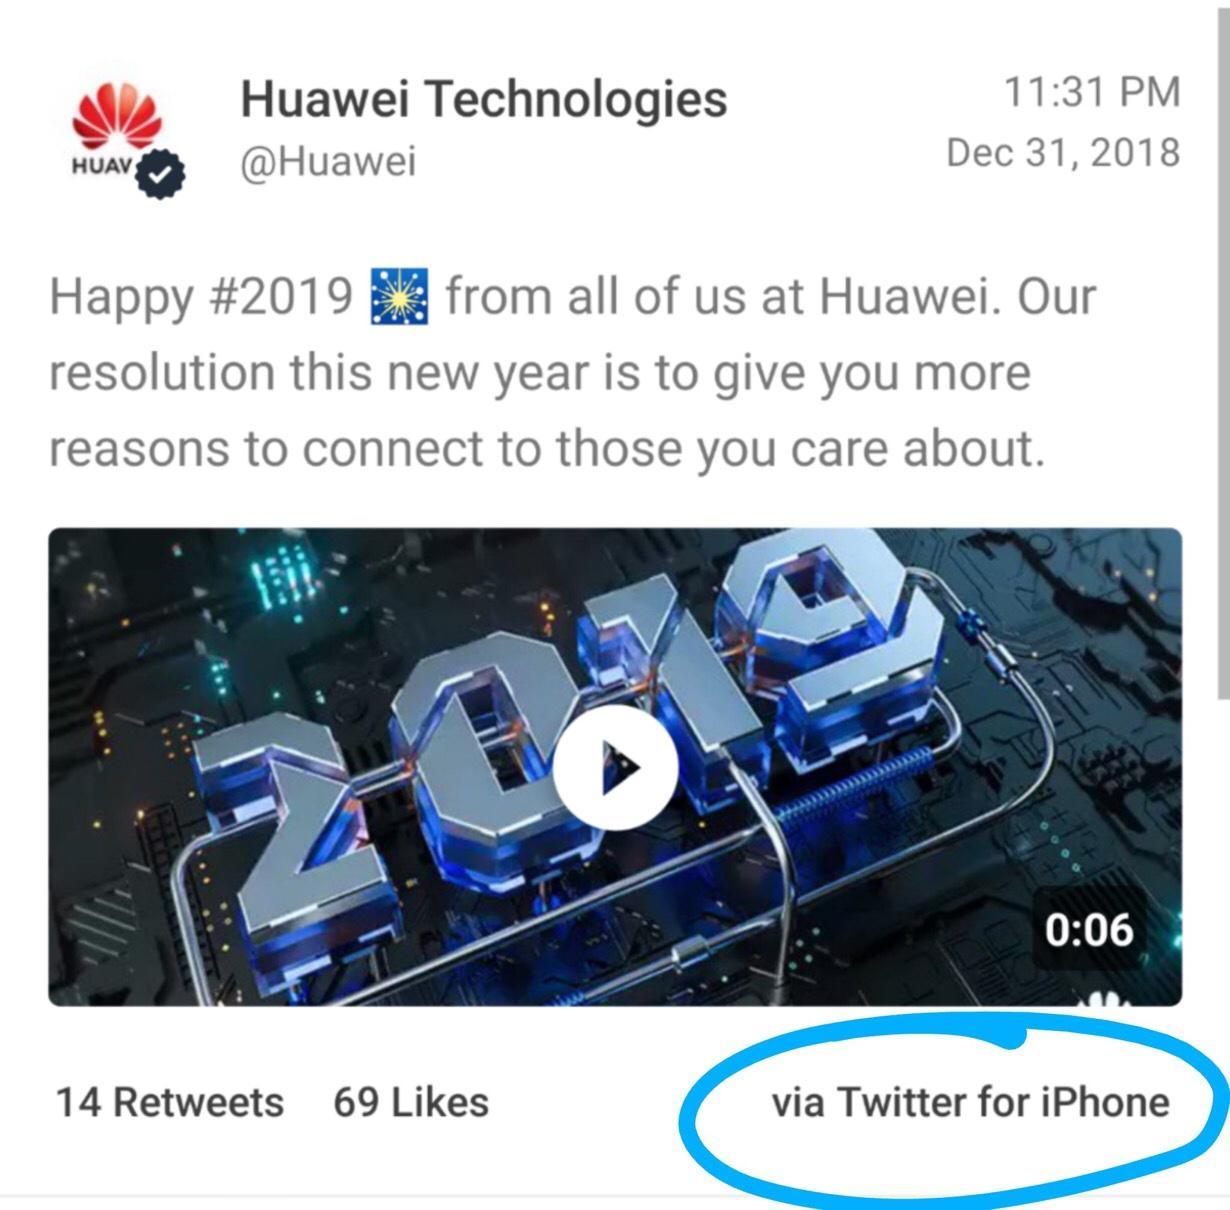 Huawei felicita el año nuevo... ¡Desde un iPhone!